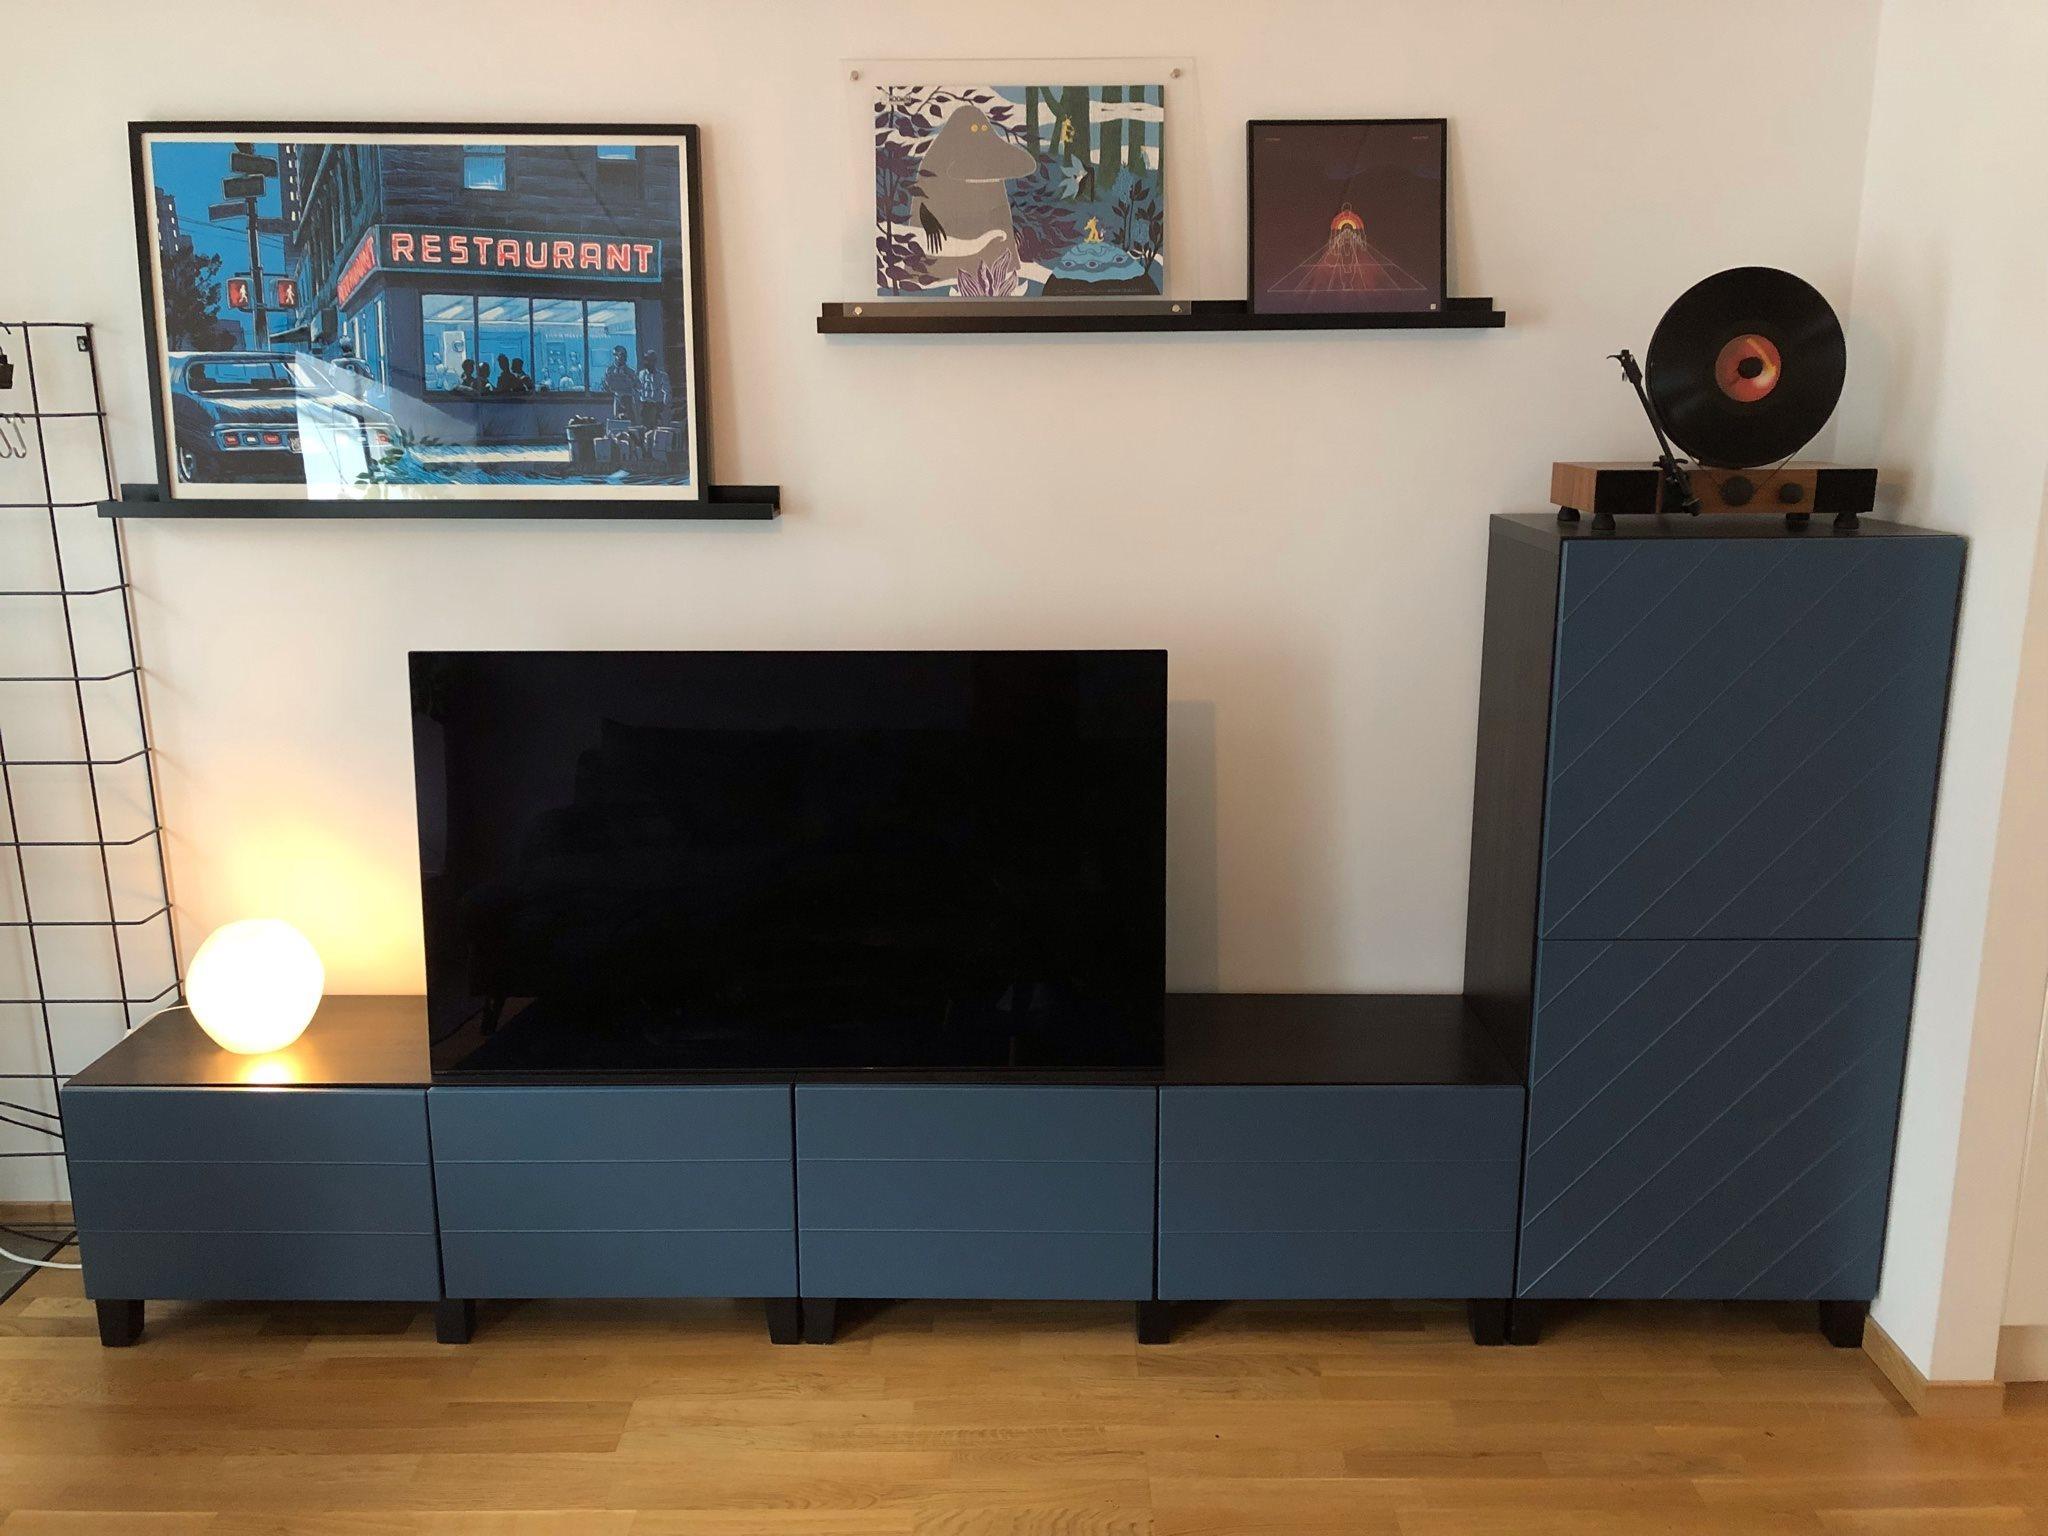 Tv Möbel M Skåp   Modell Bestå Från Ikea   Fint Skick